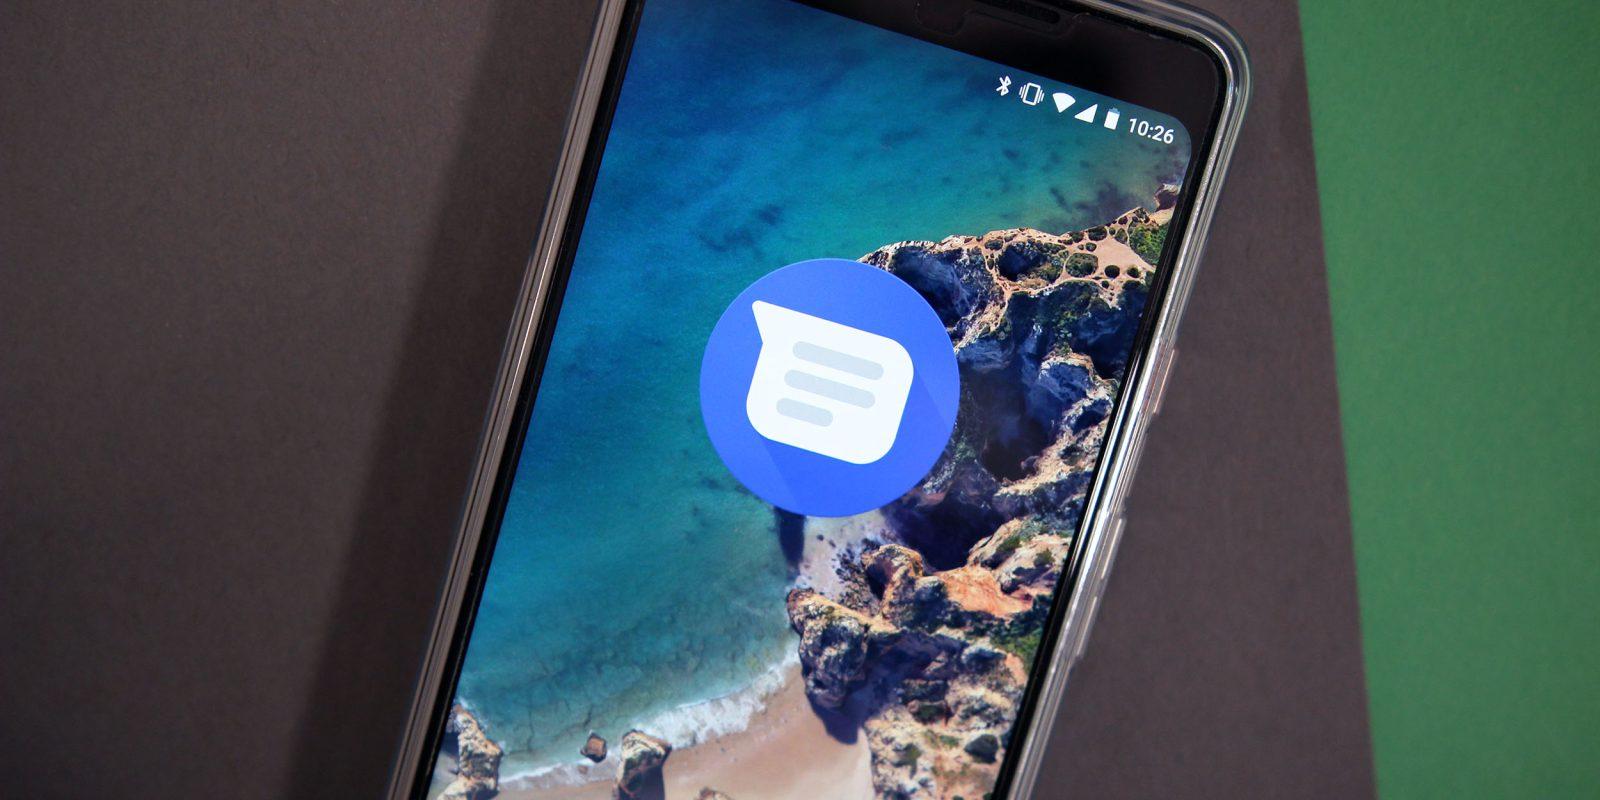 Zprávy pro Android si na KitKat už nenainstalujete